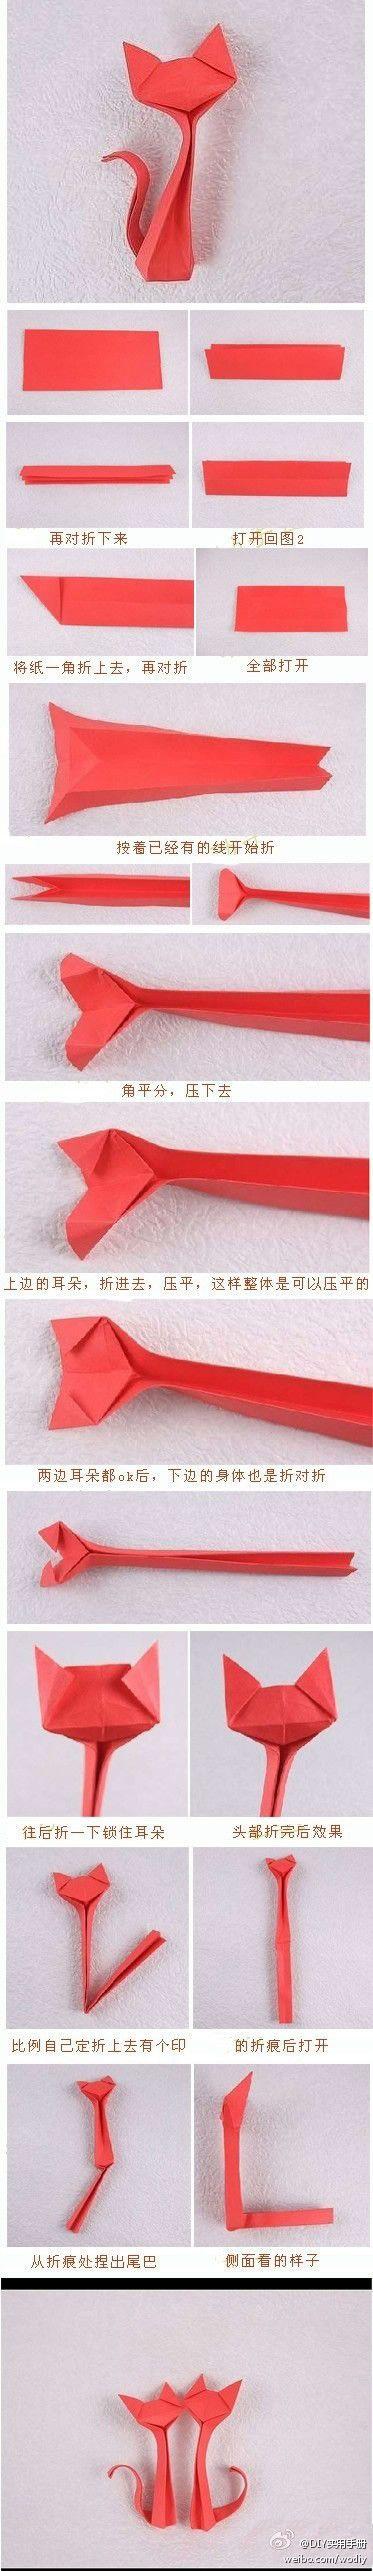 Origami cat!!